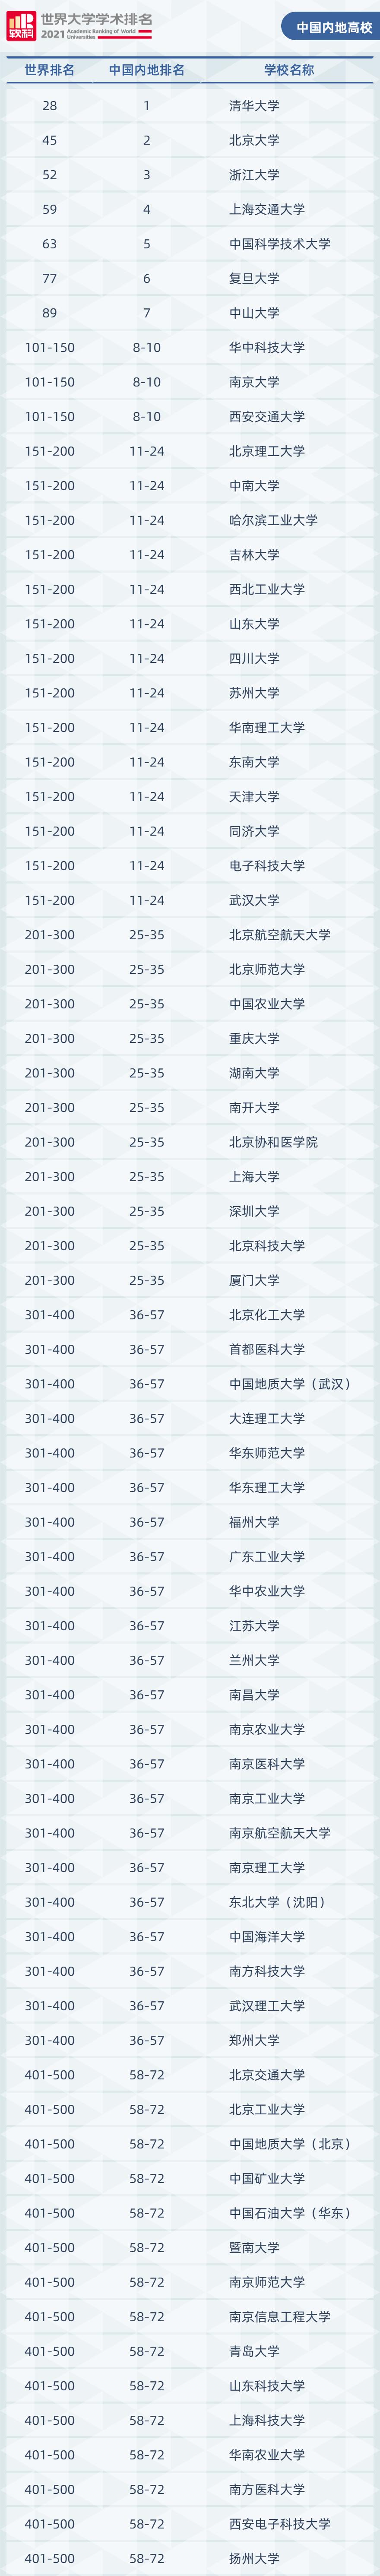 2021年软科世界大学学术排名(中国内地高校)